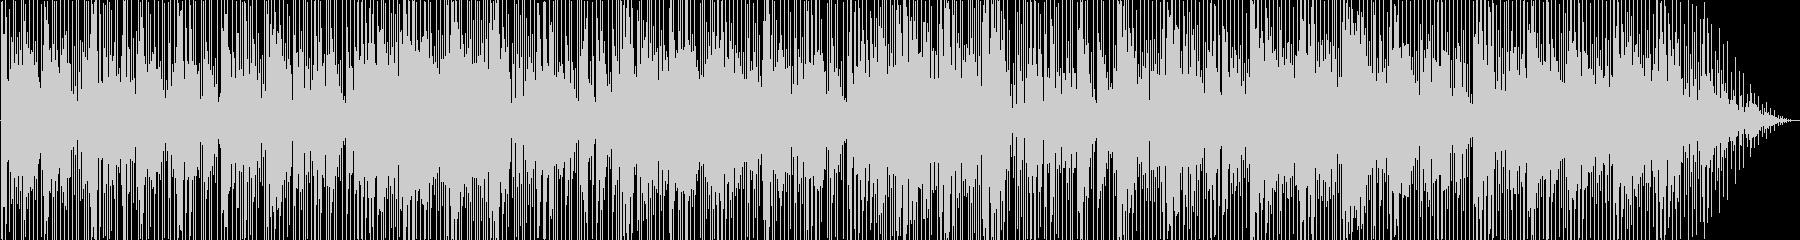 ダイナミックでポップなクラシックの...の未再生の波形